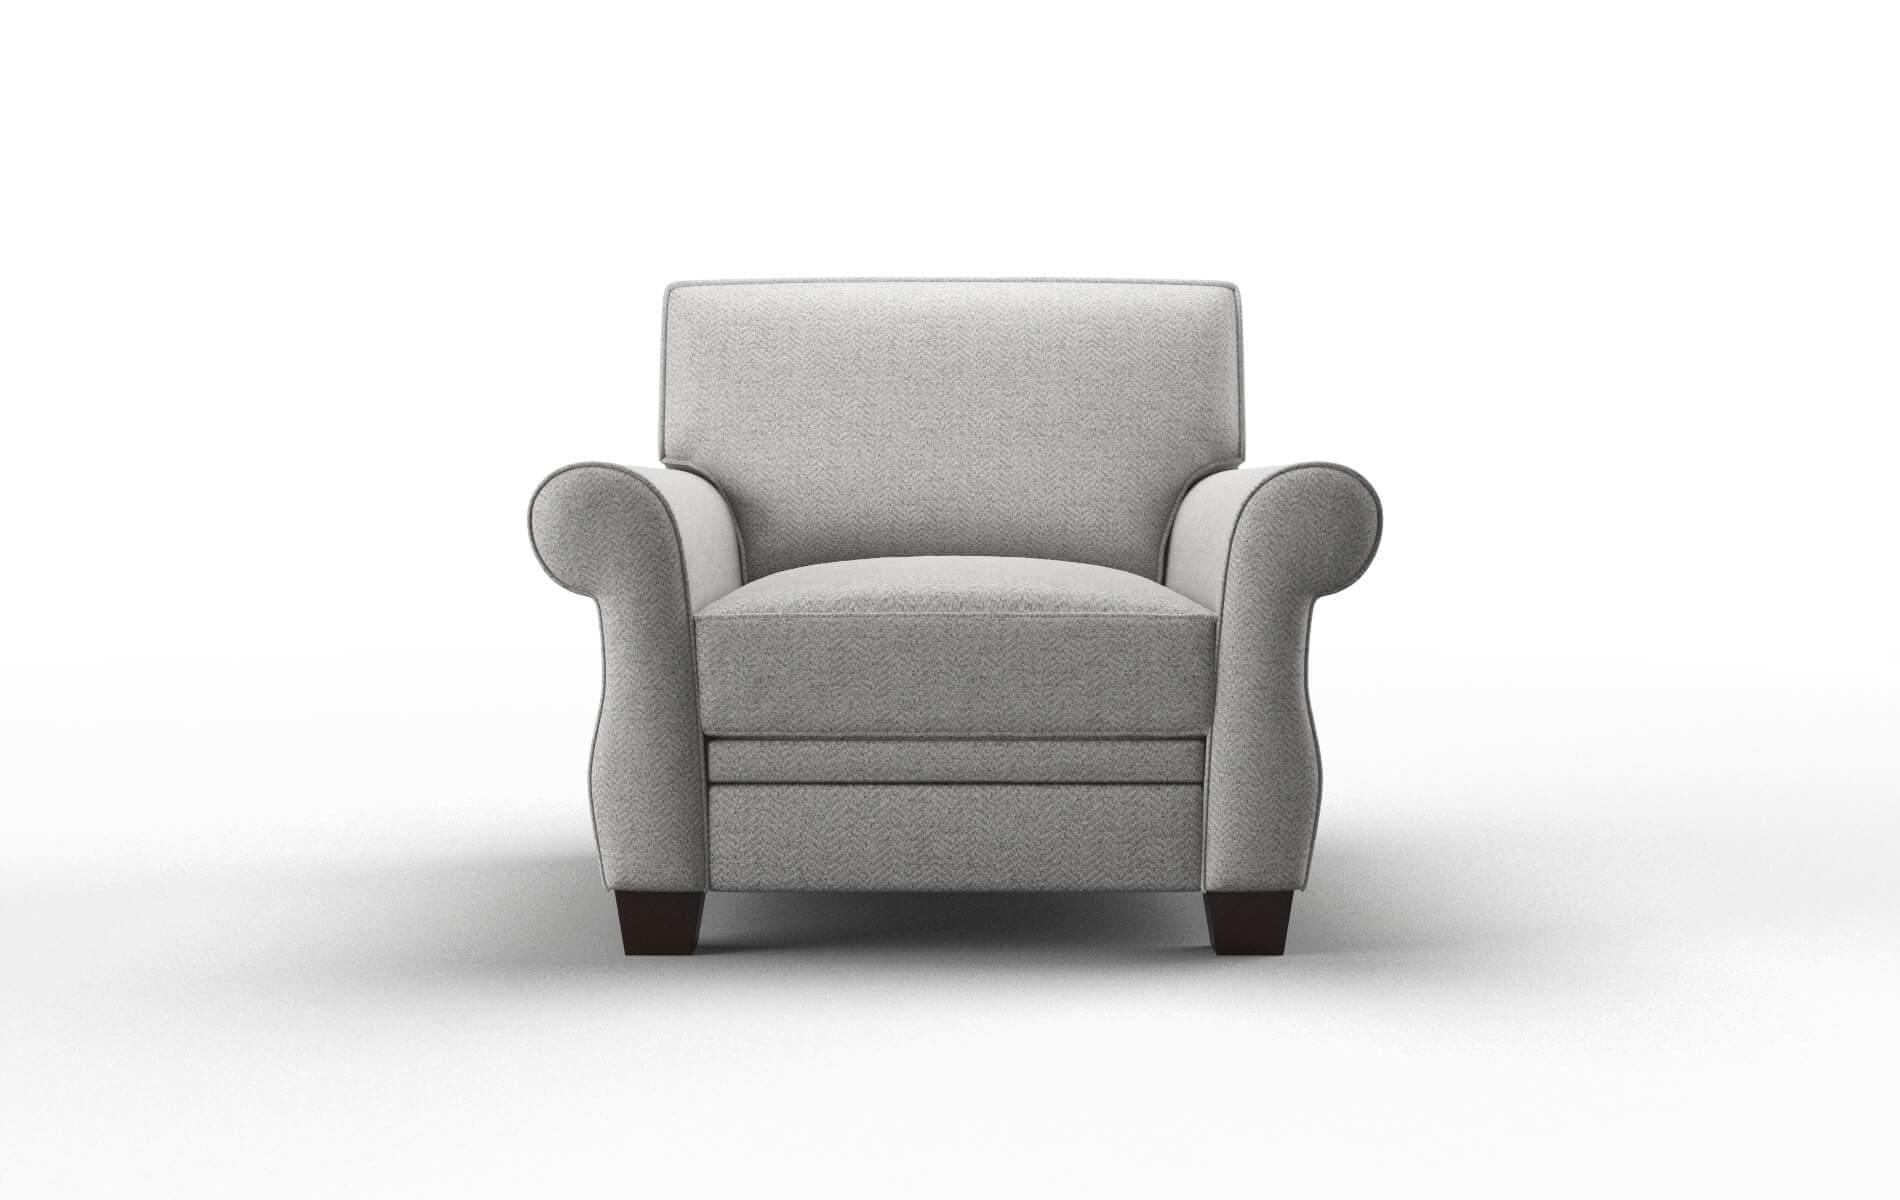 Rome Catalina Silver Chair espresso legs 1